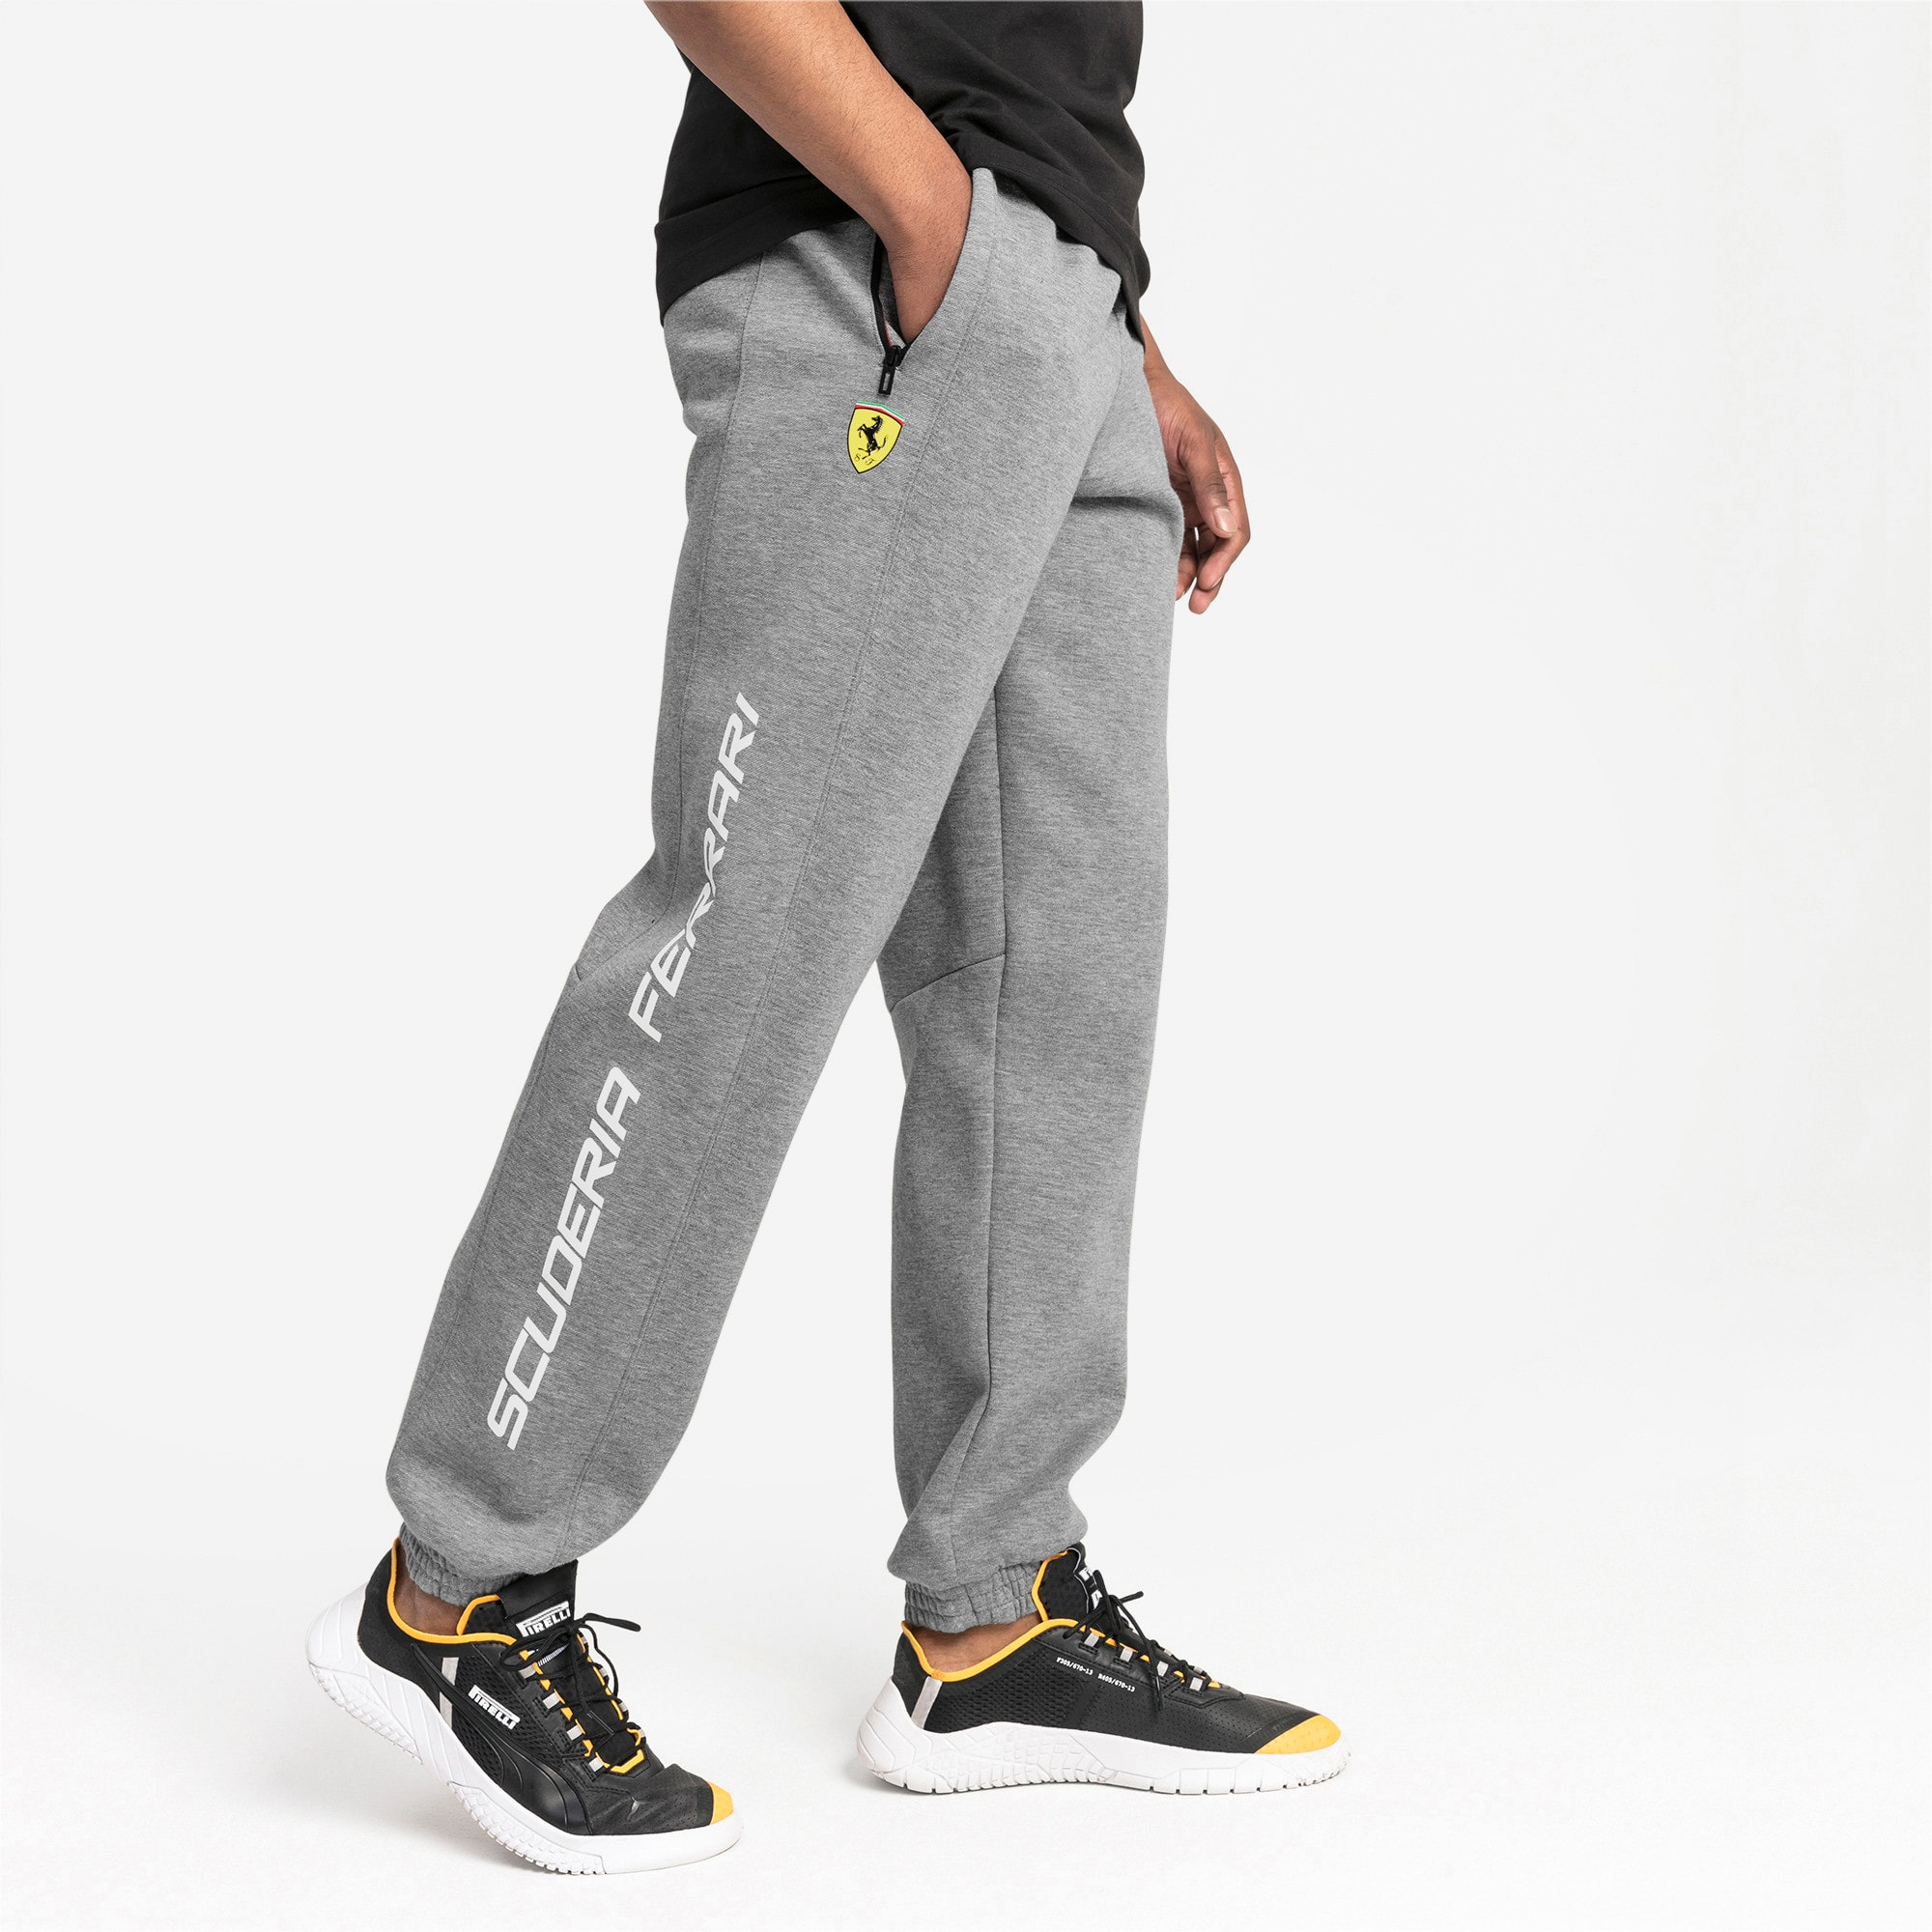 Thumbnail 1 of Ferrari Men's Sweatpants, Medium Gray Heather, medium